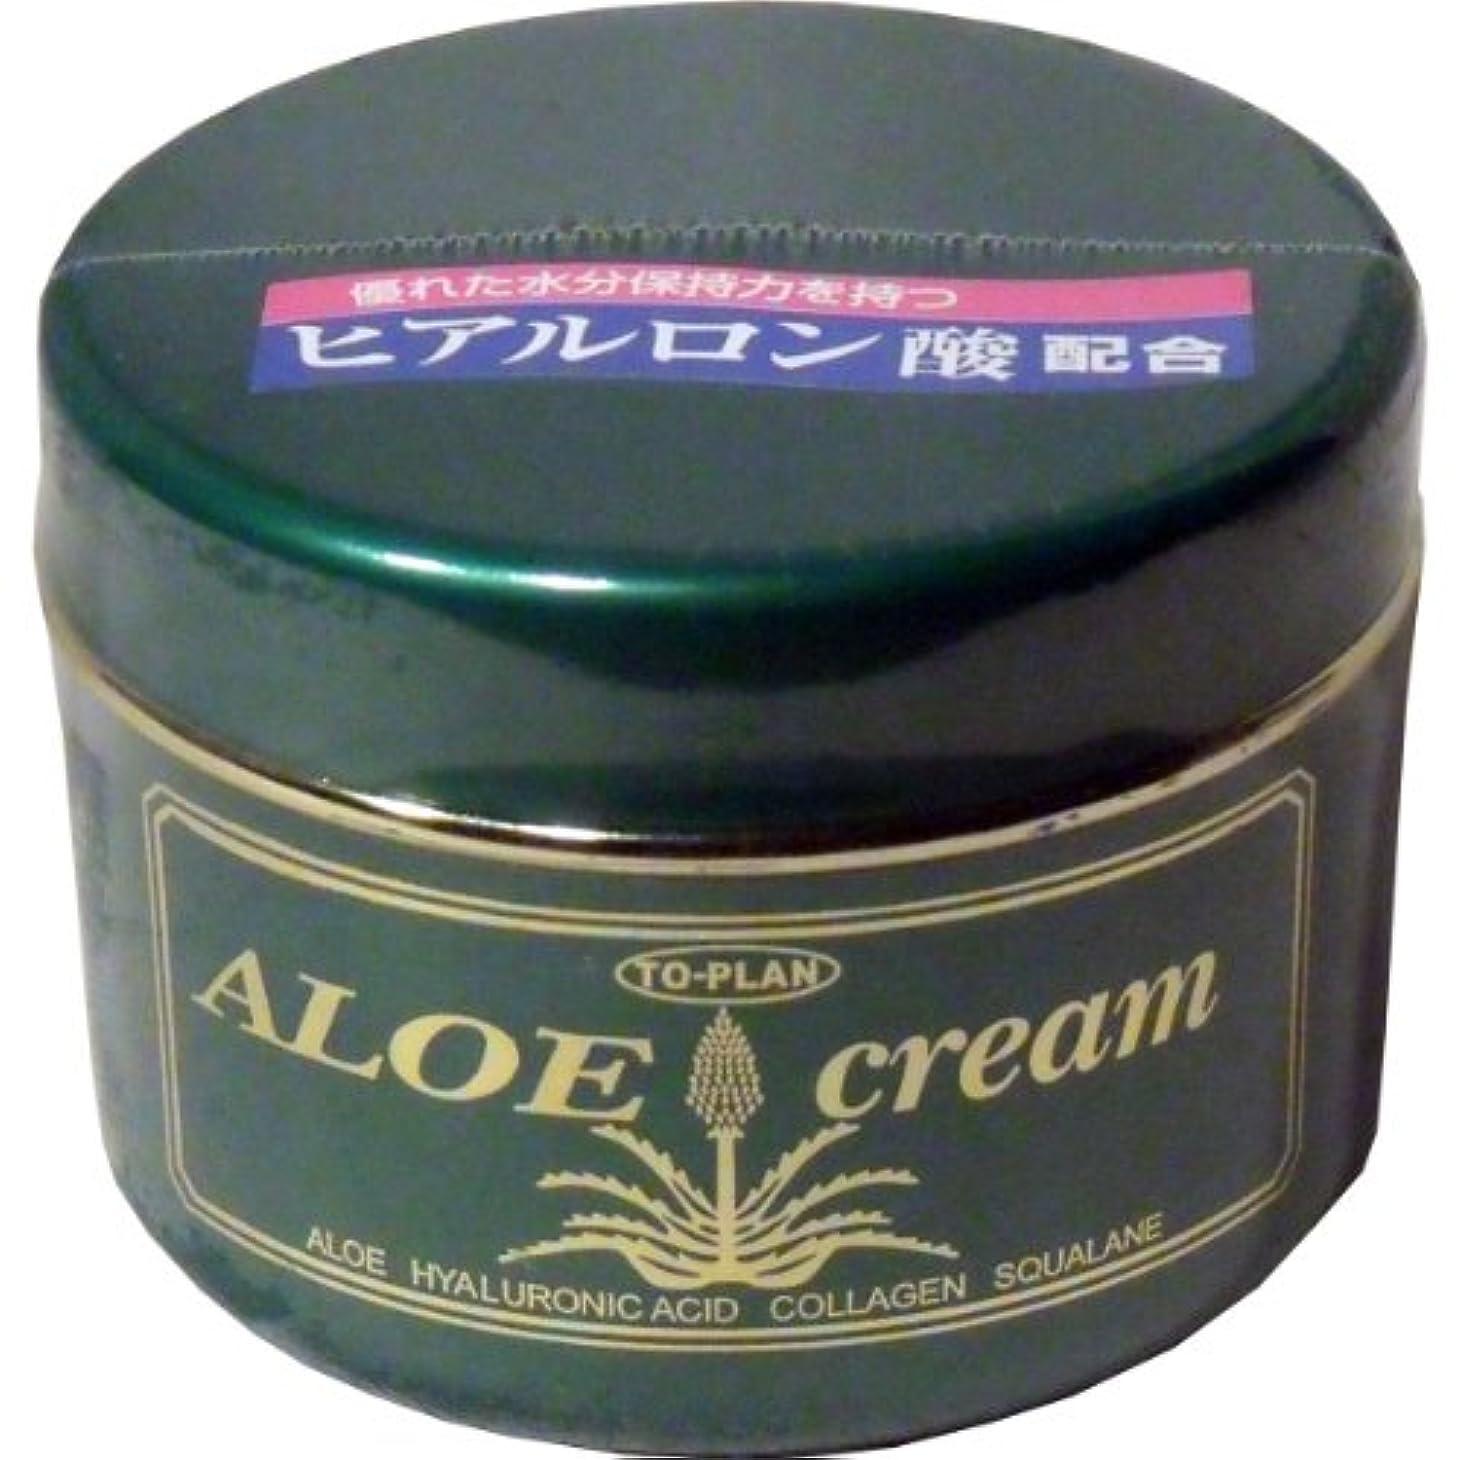 サイレントレイアウト振り向くトプラン ハーブフレッシュクリーム(アロエクリーム) ヒアルロン酸 170g ×3個セット